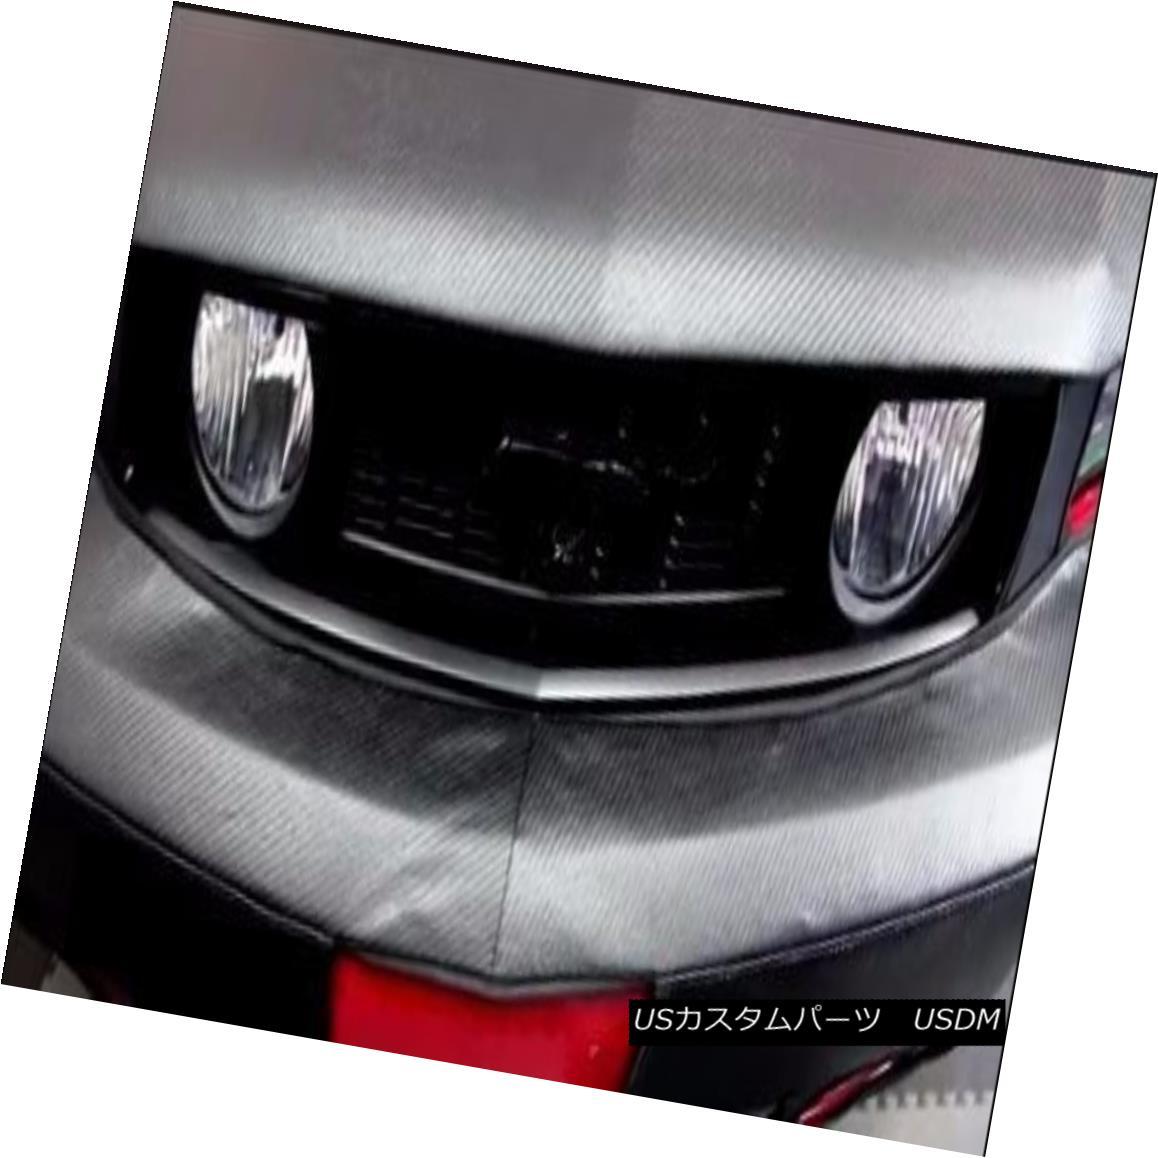 フルブラ ノーズブラ Colgan Front End Mask Bra CF 2pc. Fits BMW 323ci & 328ci 1999-2000 W/Lic.Plate コルガンフロントエンドマスクブラ2pc。 BMW 323ci& 328ci 1999-2000 W / Lic.Plate